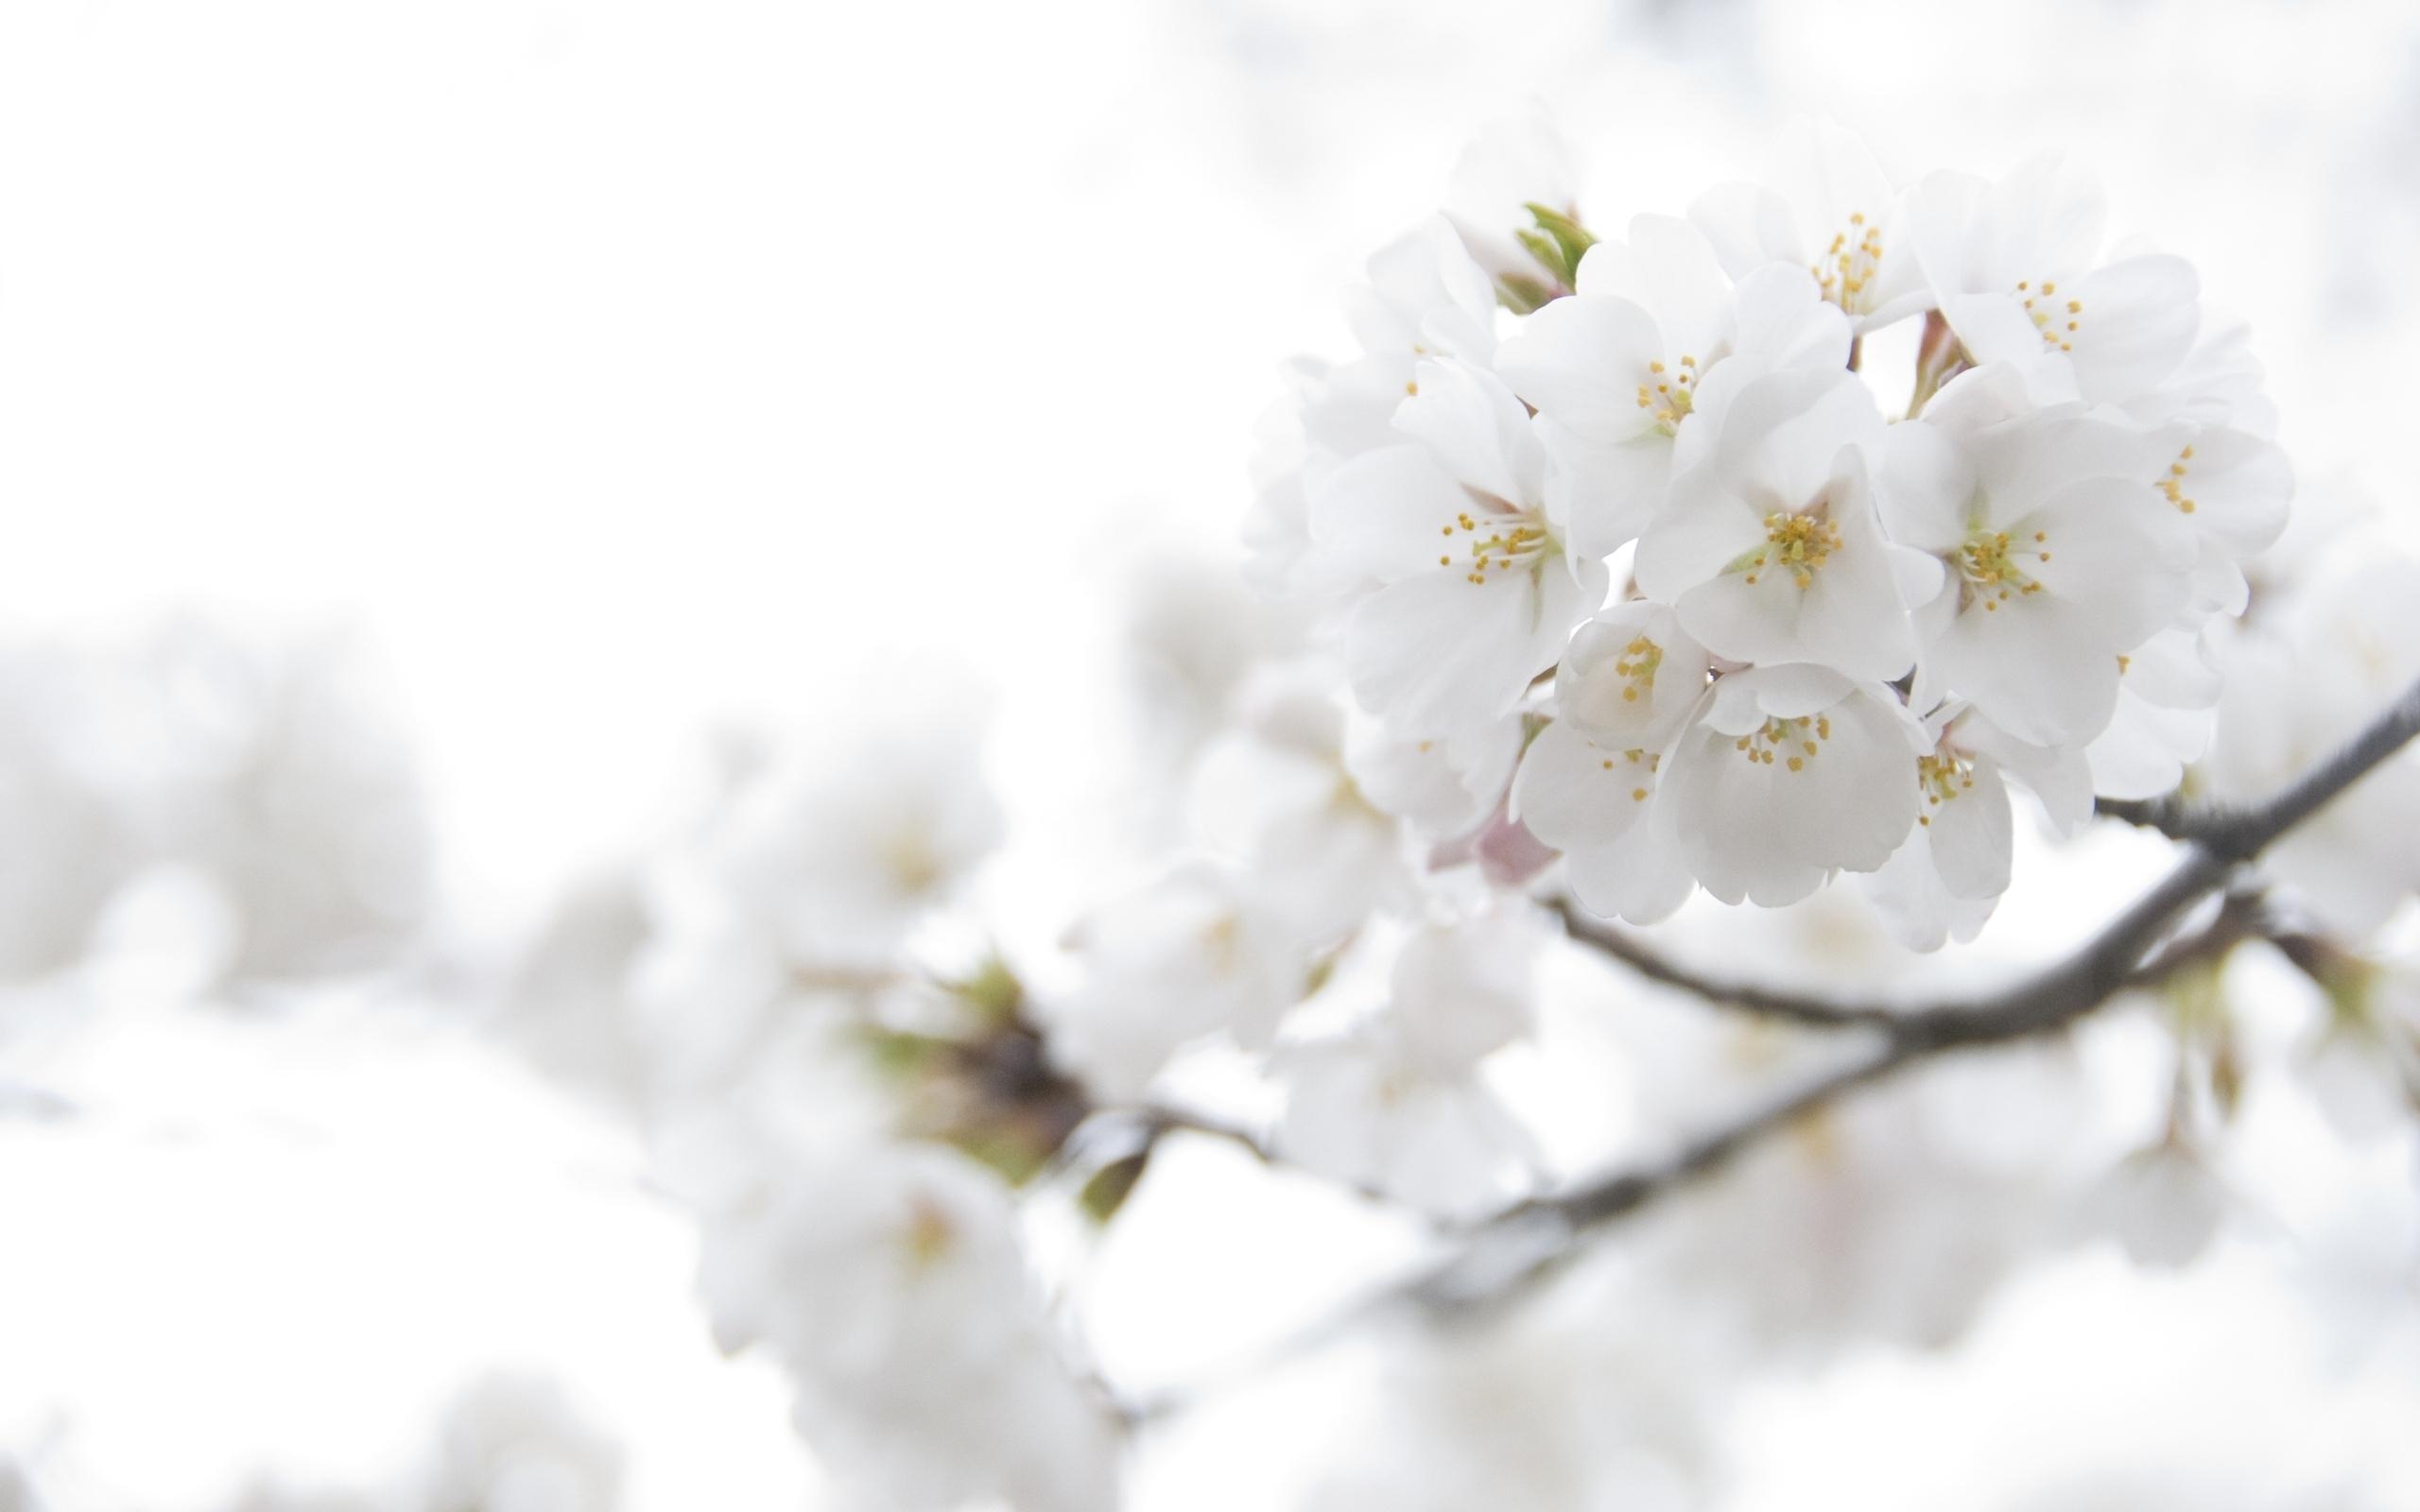 42921 скачать Белые обои на телефон бесплатно, Растения, Цветы Белые картинки и заставки на мобильный